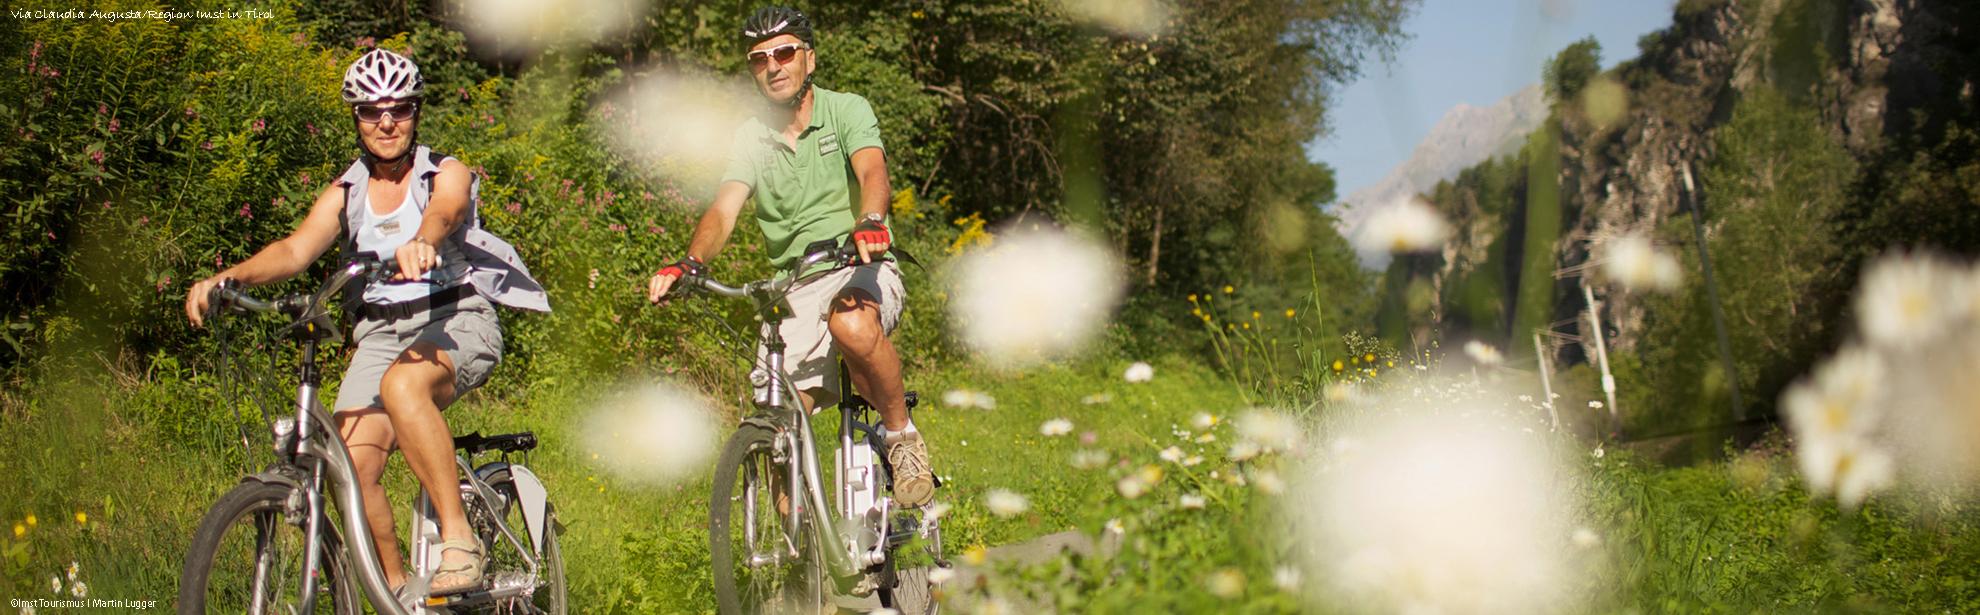 OklassImst-Tourismus_martinlugger.com_Region-Imst_ebike_sommer_imst